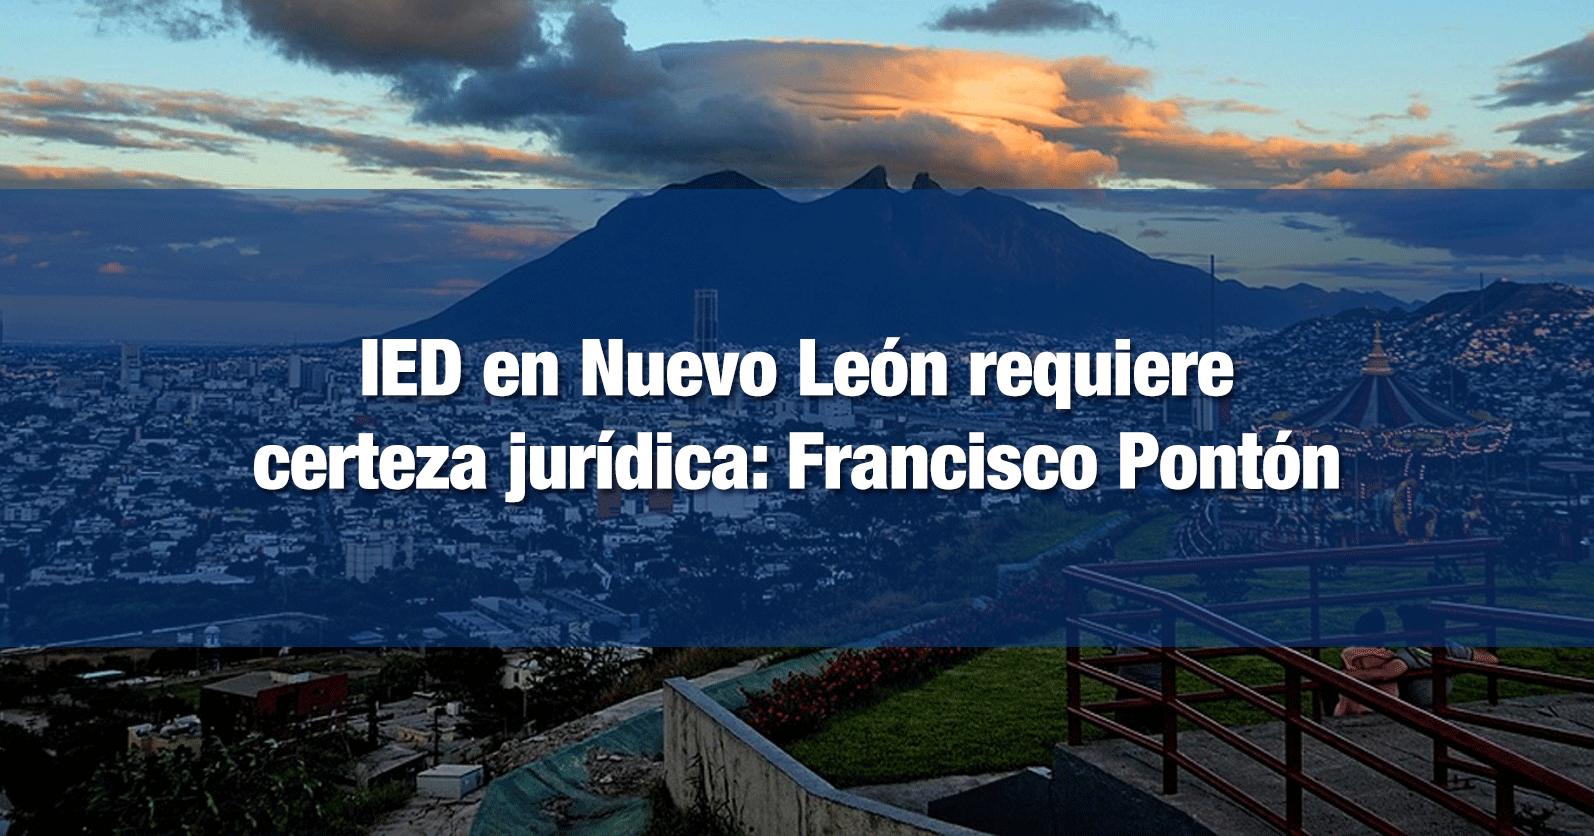 IED en Nuevo León requiere certeza jurídica: Francisco Pontón